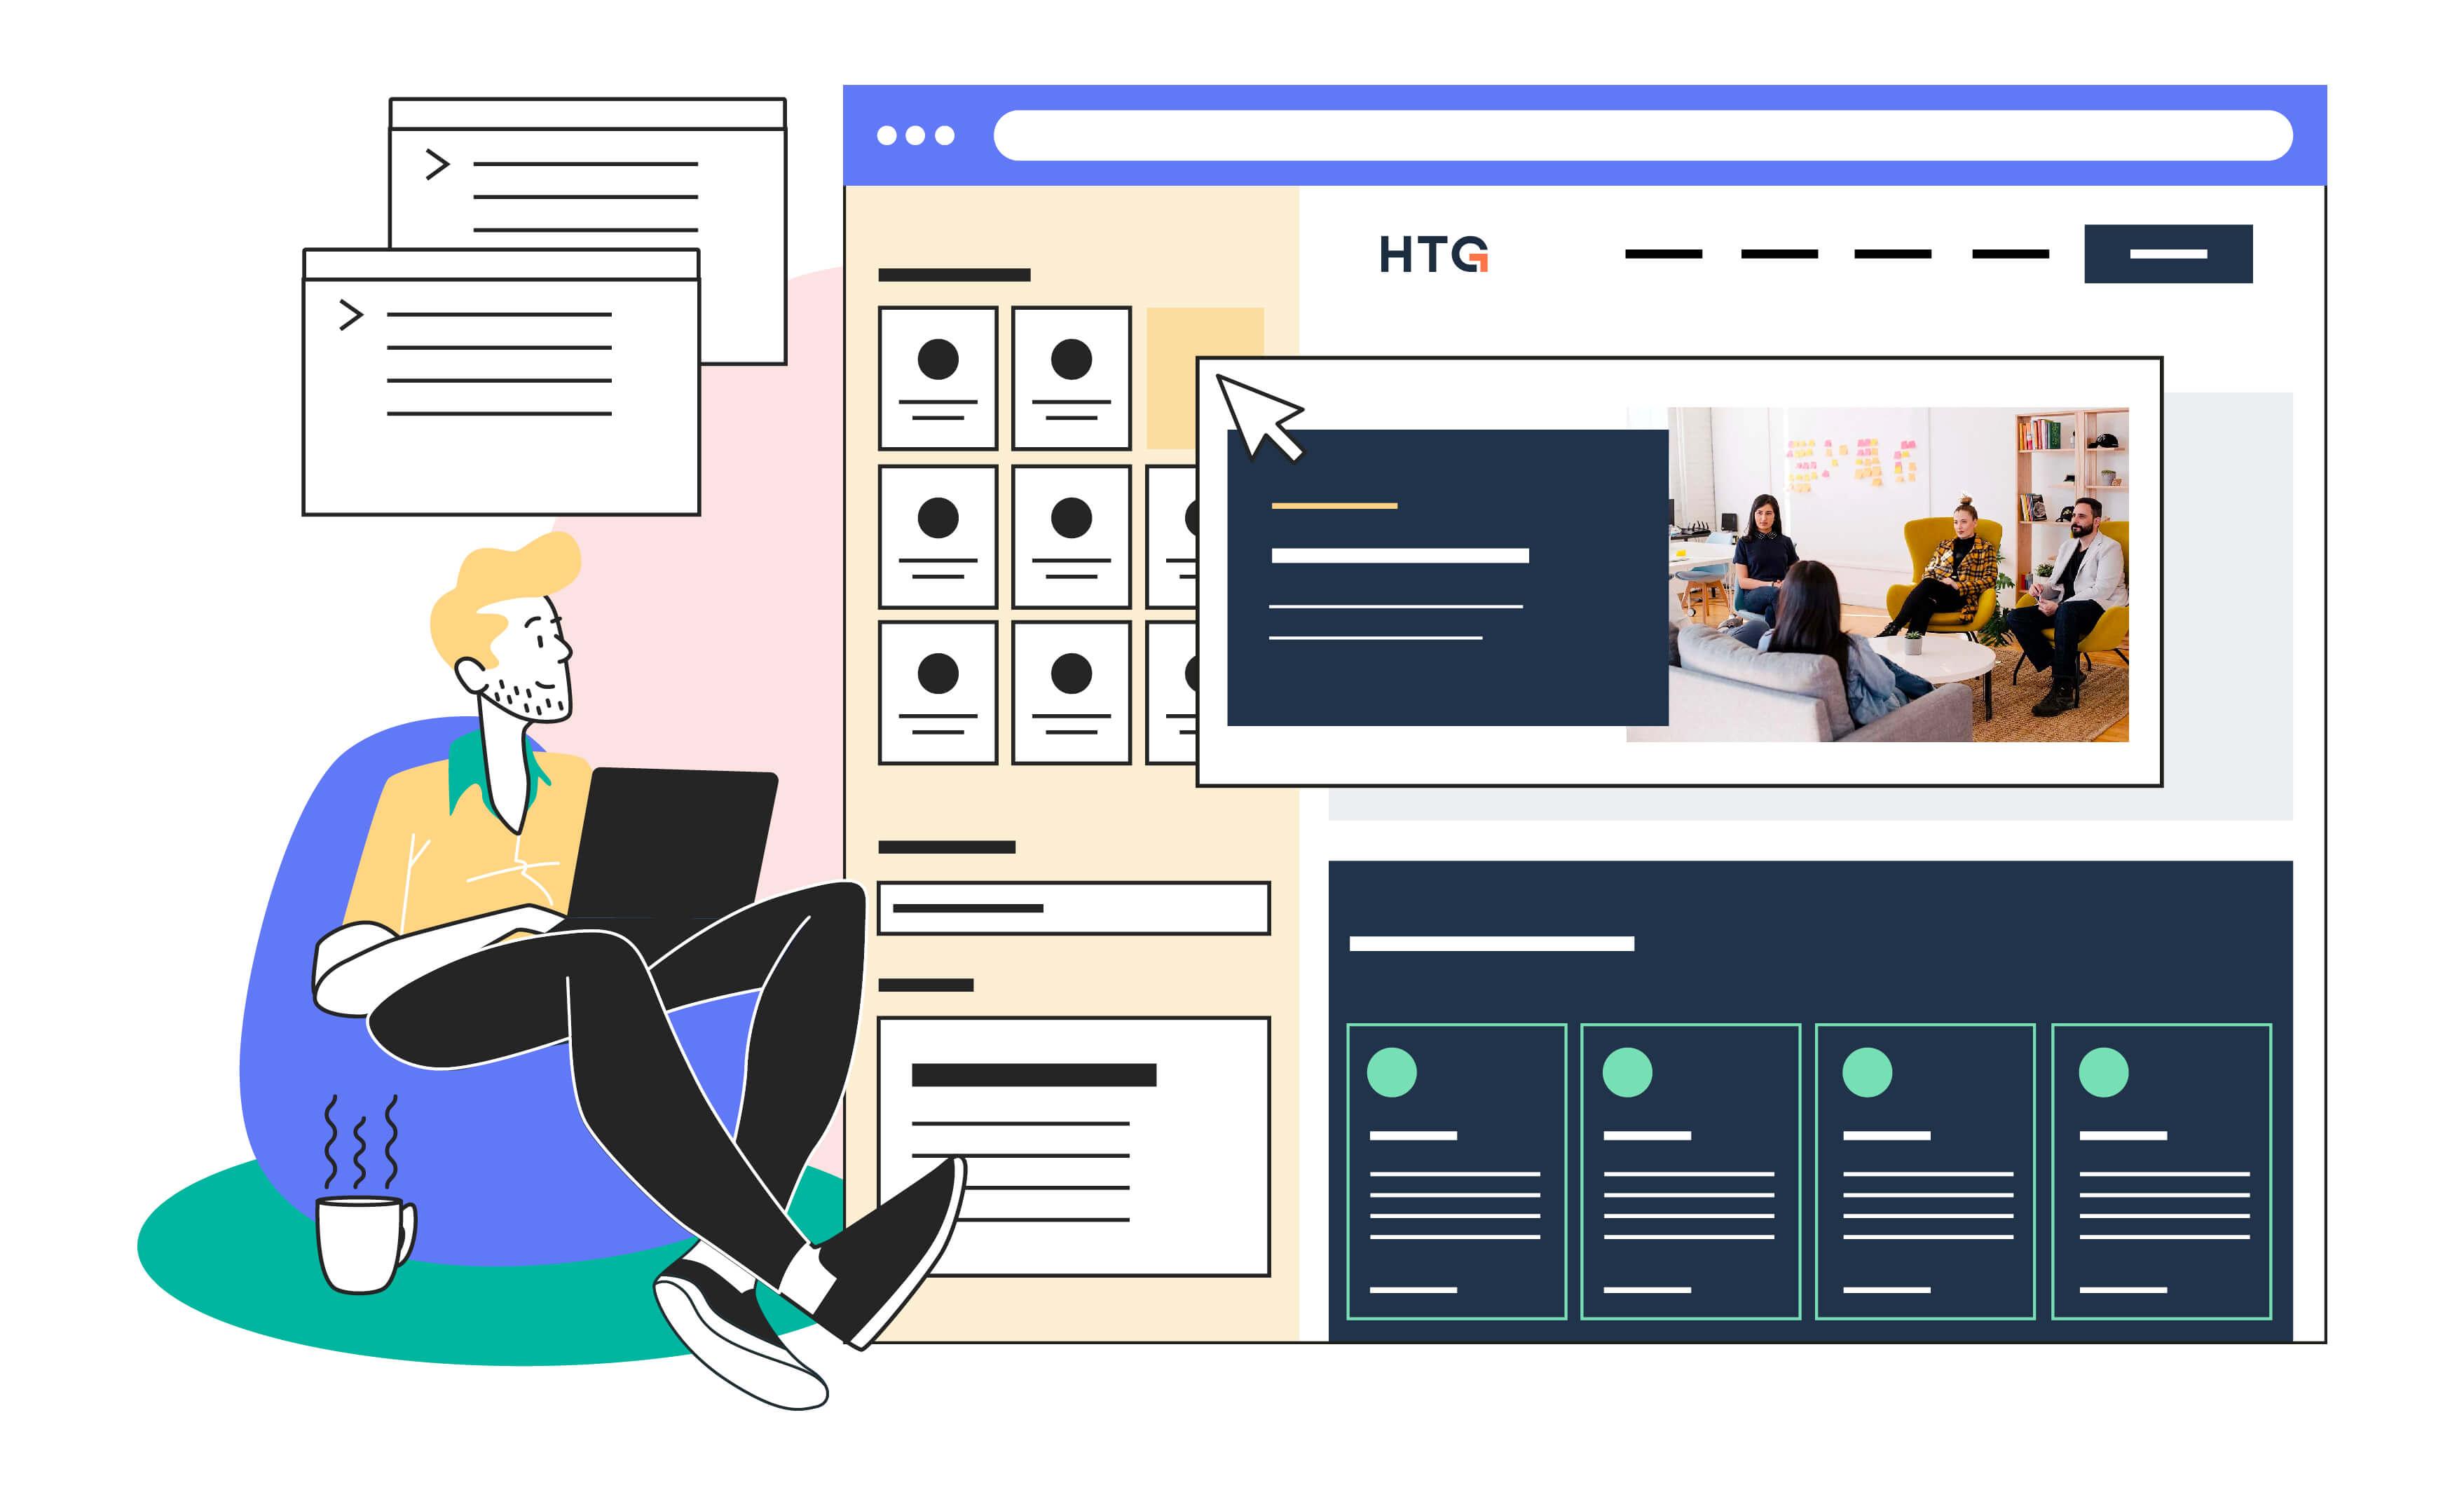 How-Articulate-built-a-winning-HubSpot-website-for-HTG_Development